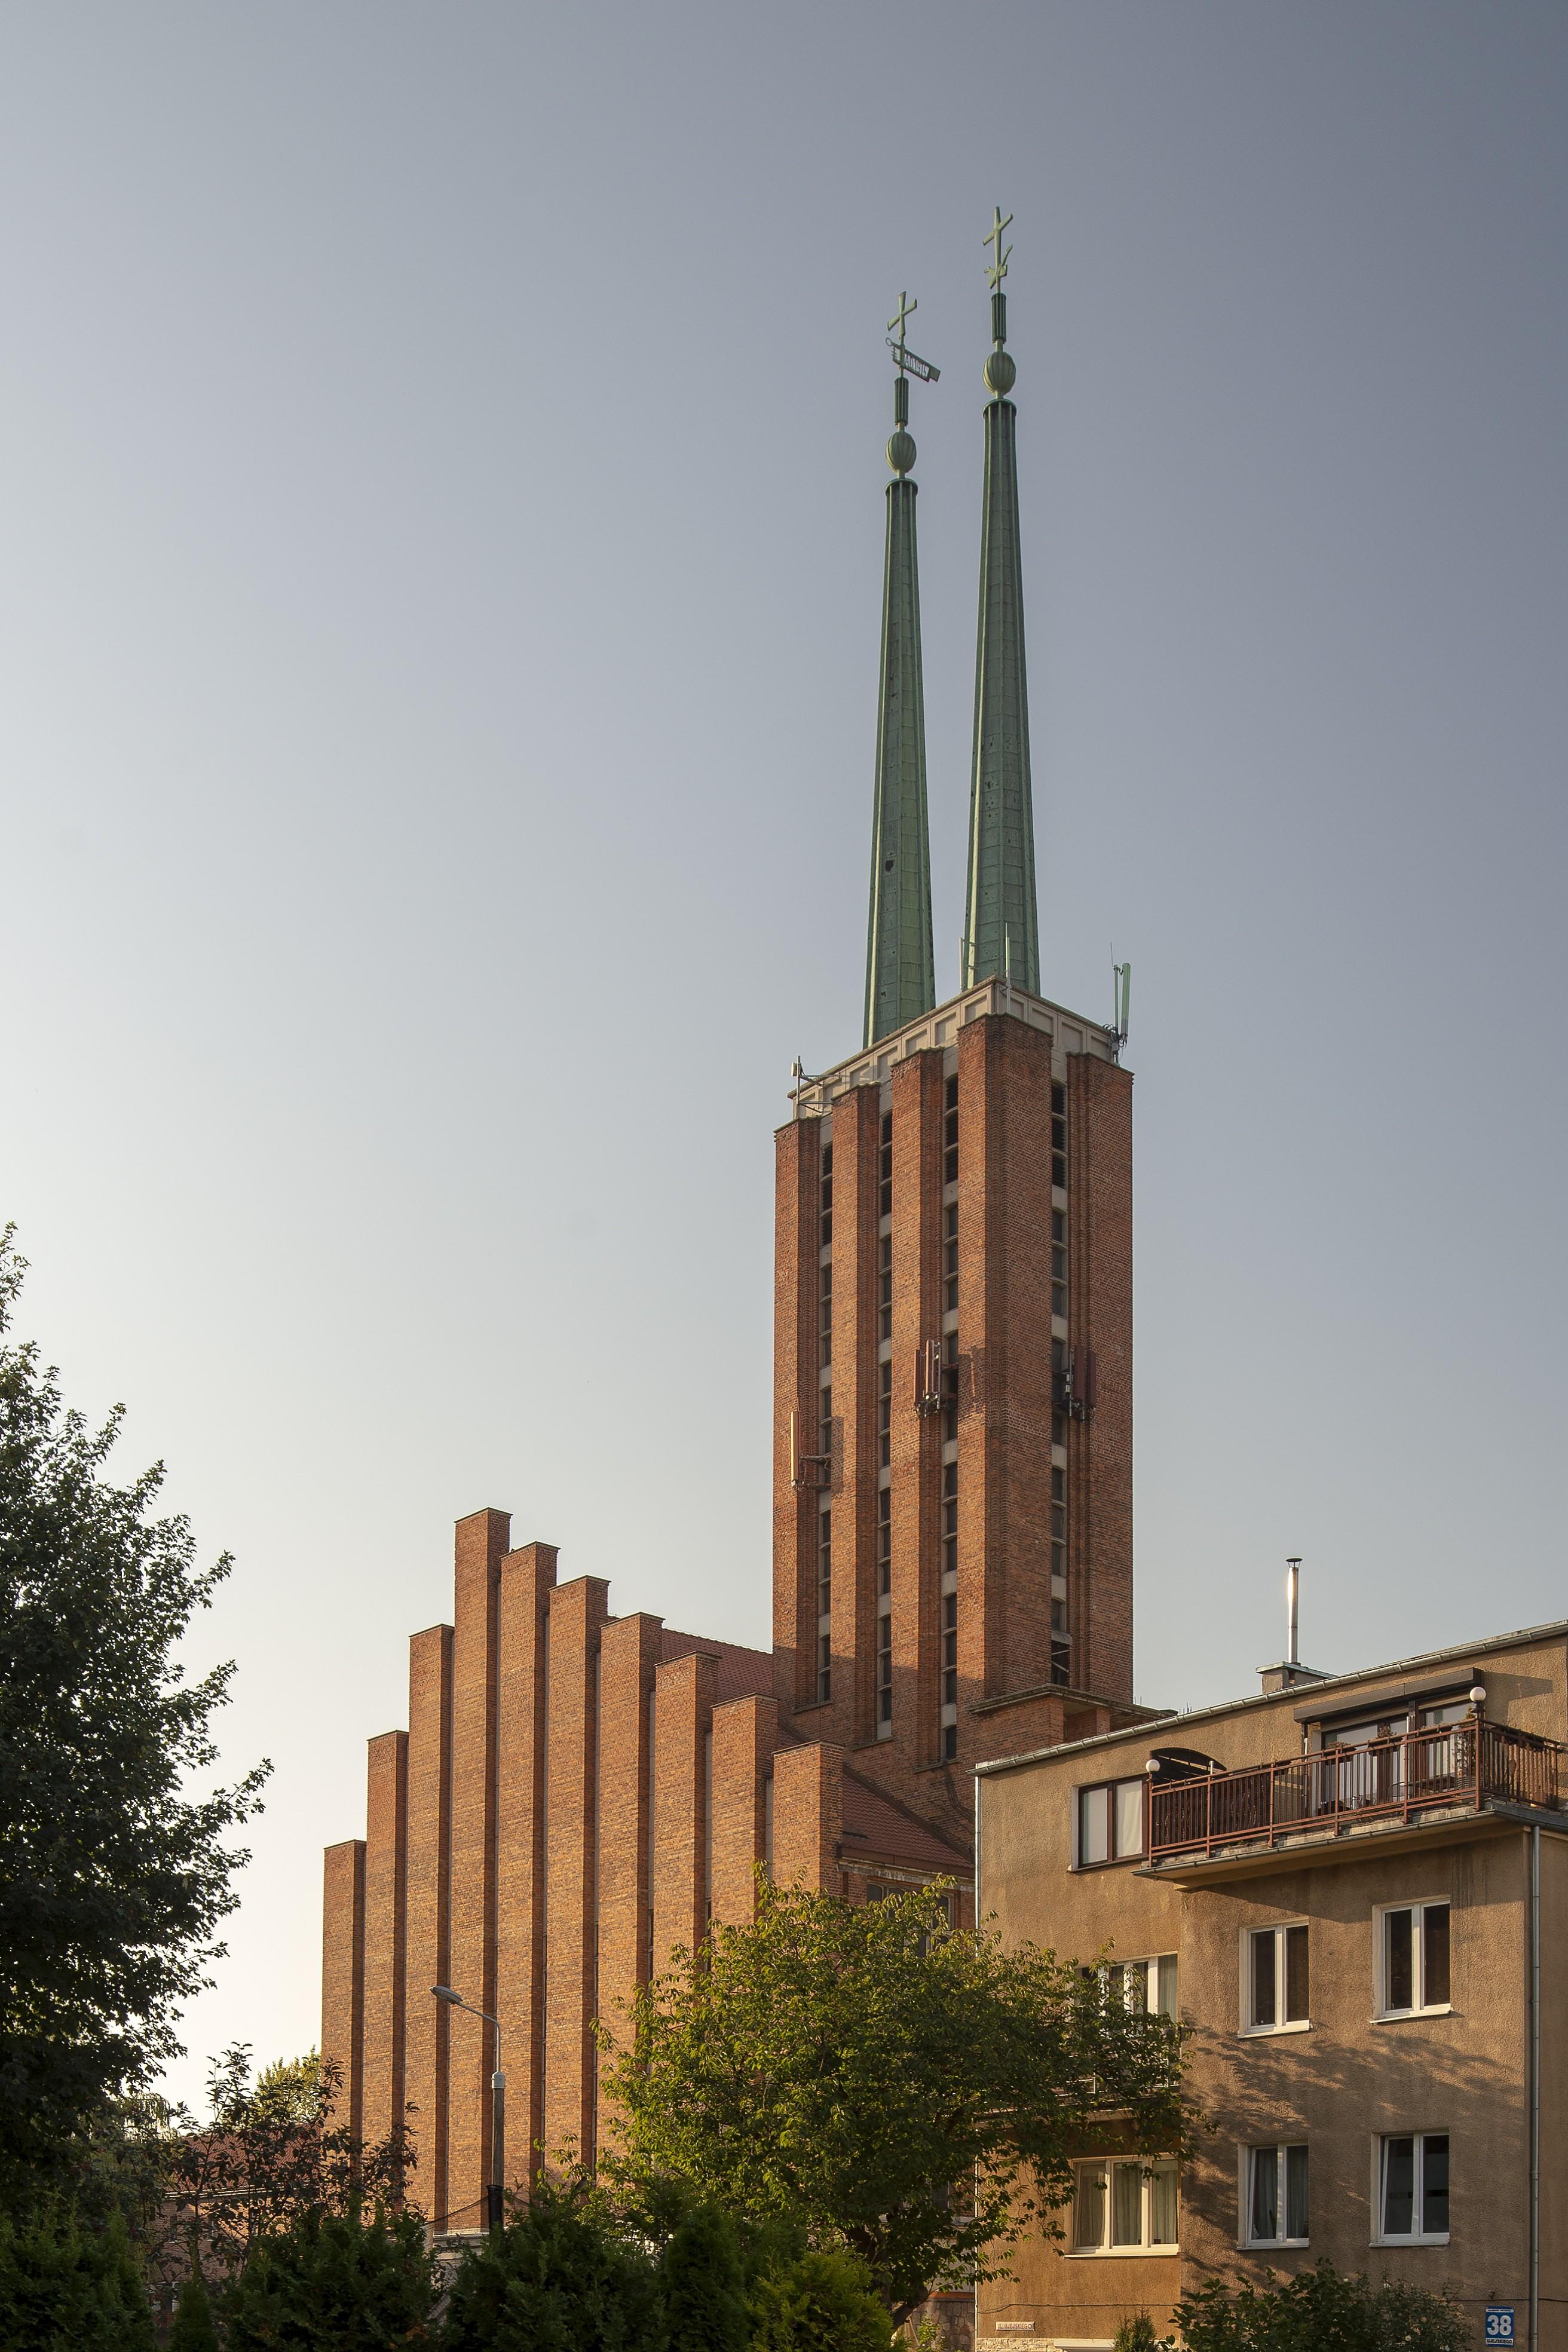 Kościół parafialny pw. Św. Antoniego Padewskiego przy ul. Ujejskiego 40 na Wzgórzu św. Maksymiliana.